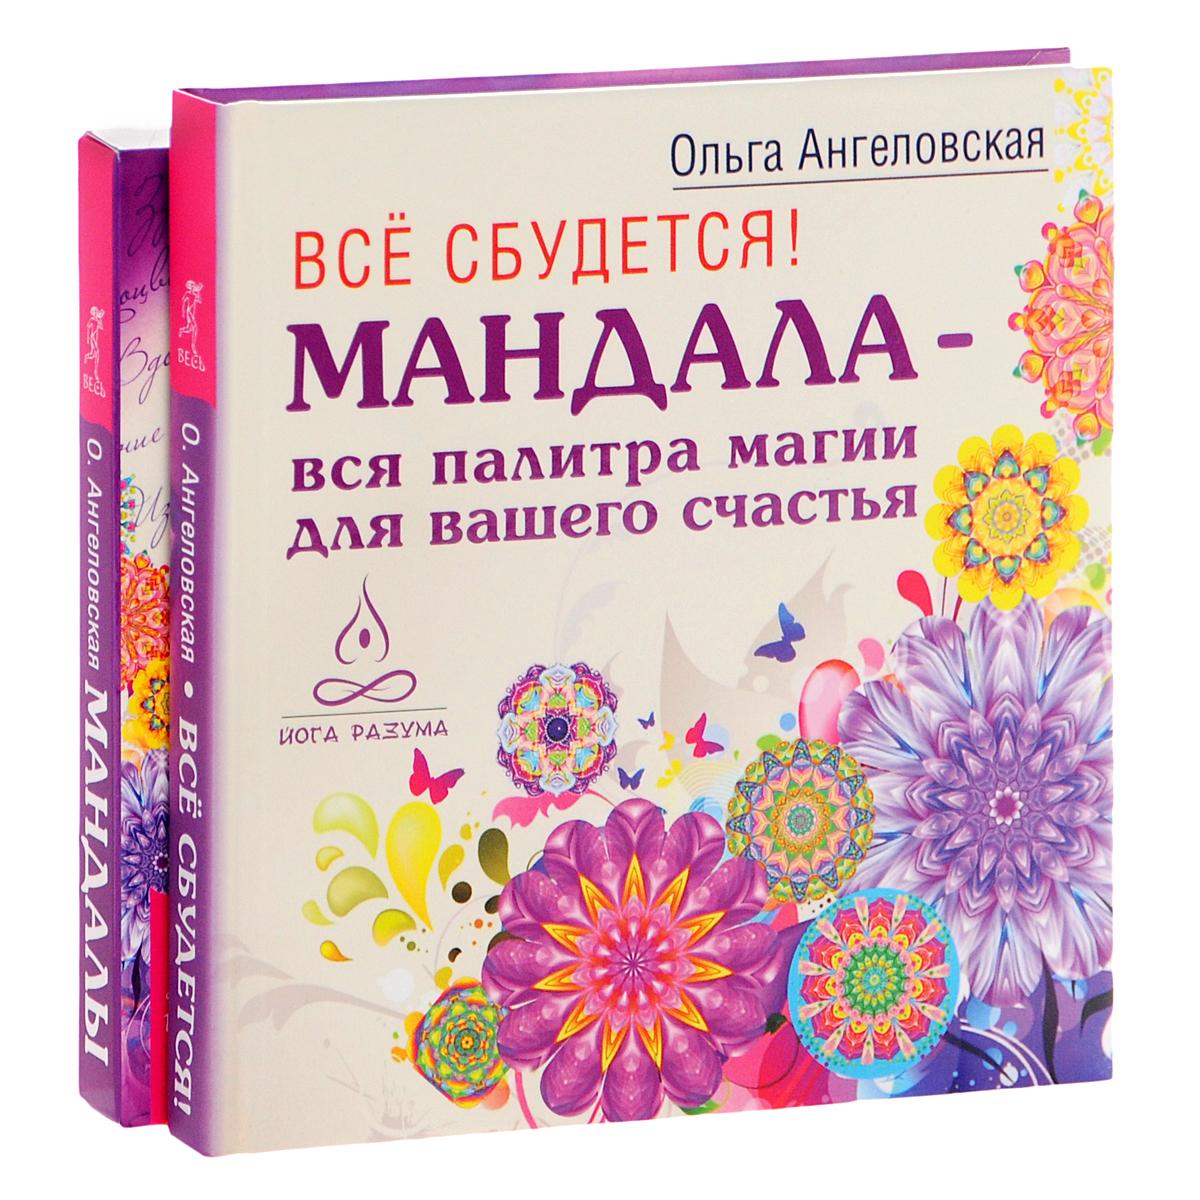 Фото - Ольга Ангеловская Мандалы (книга + карты) ангеловская о мандалы которые дарят счастье 43 карты контуры мандал для вашего магического творчества